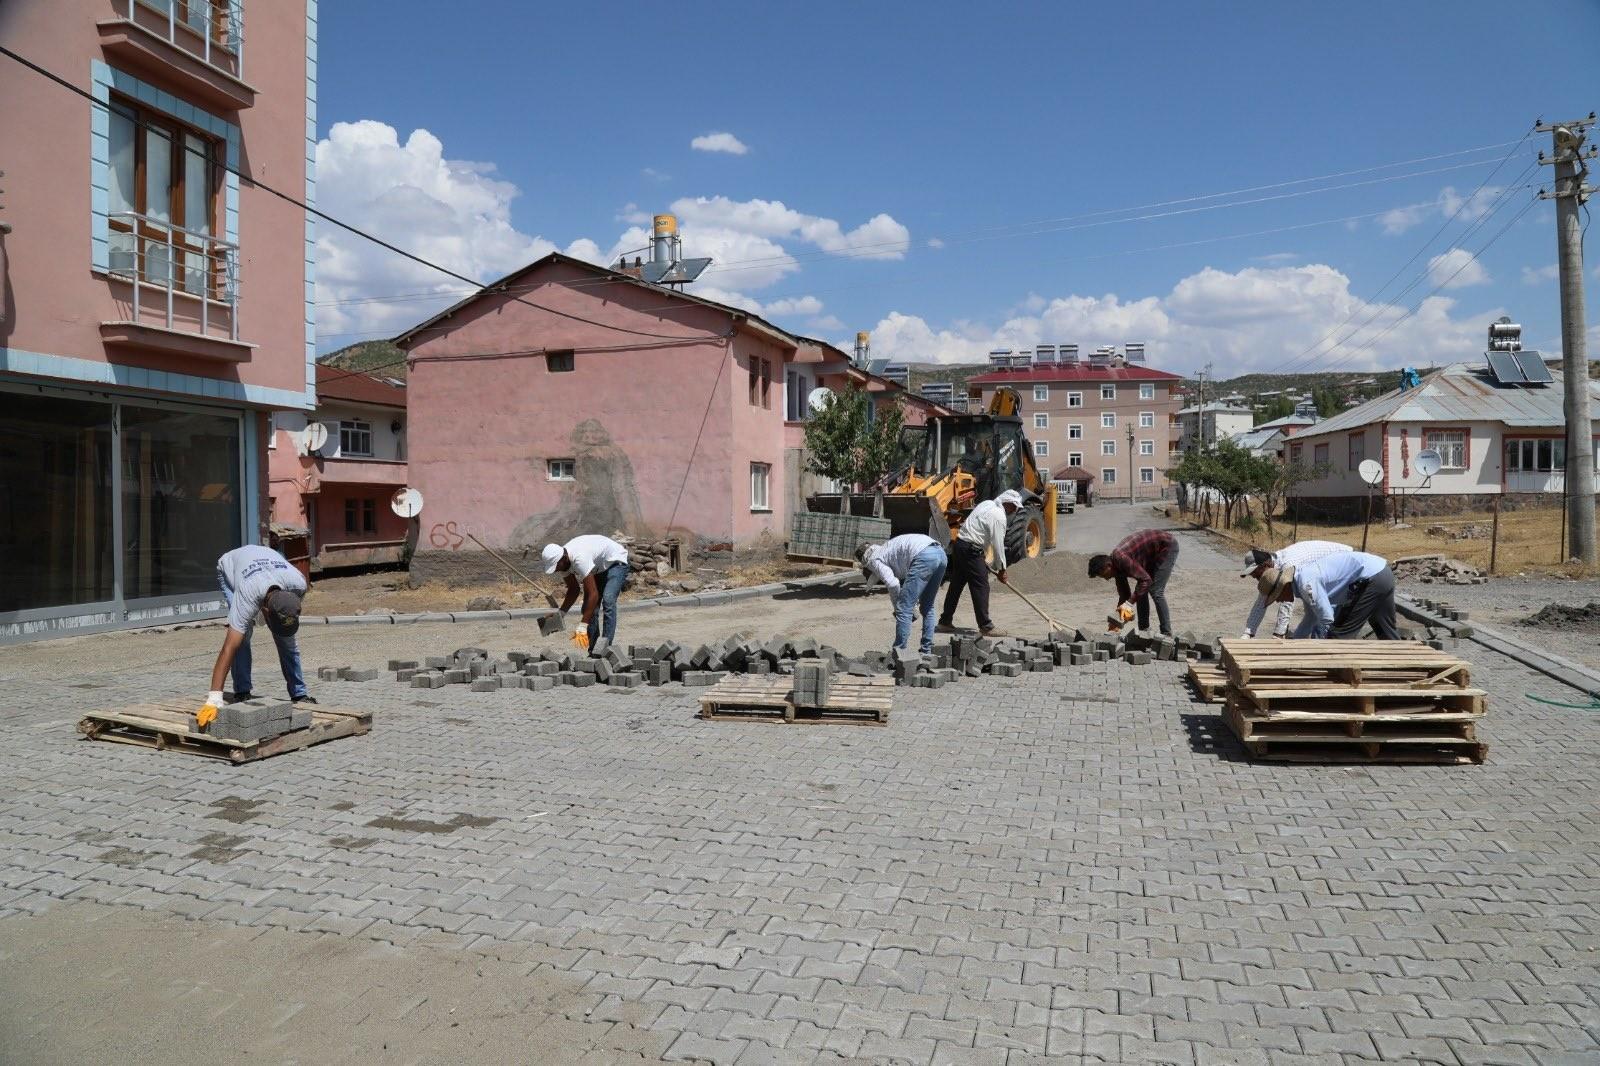 Bingöl Belediyesi alt ve üstyapı çalışmalarını sürdürüyor